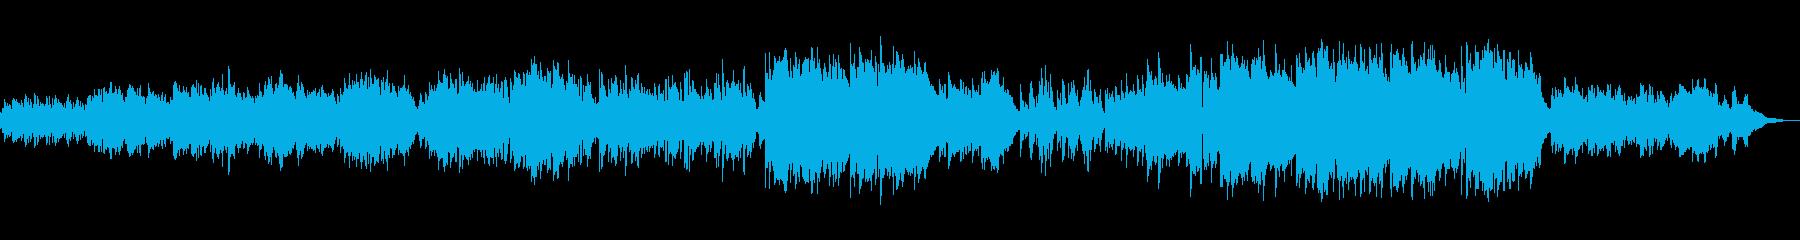 【生演奏フルート】とピアノによるアレンジの再生済みの波形